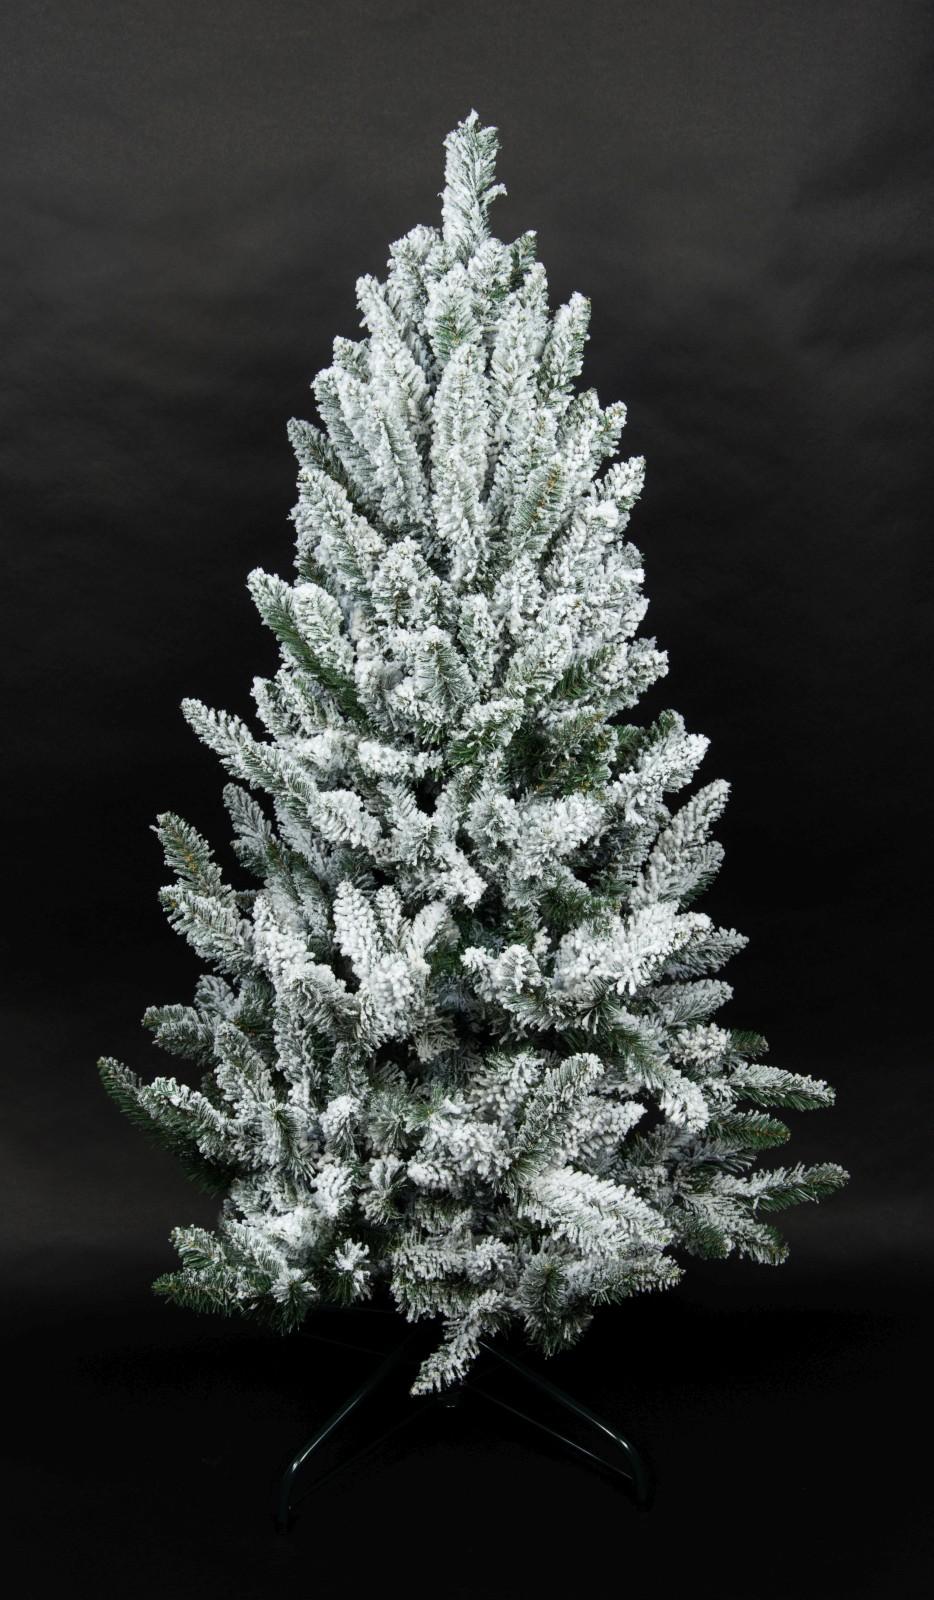 Gro artig weihnachtsbaum schnee galerie weihnachtsbilder - Beleuchteter tannenbaum kunststoff ...